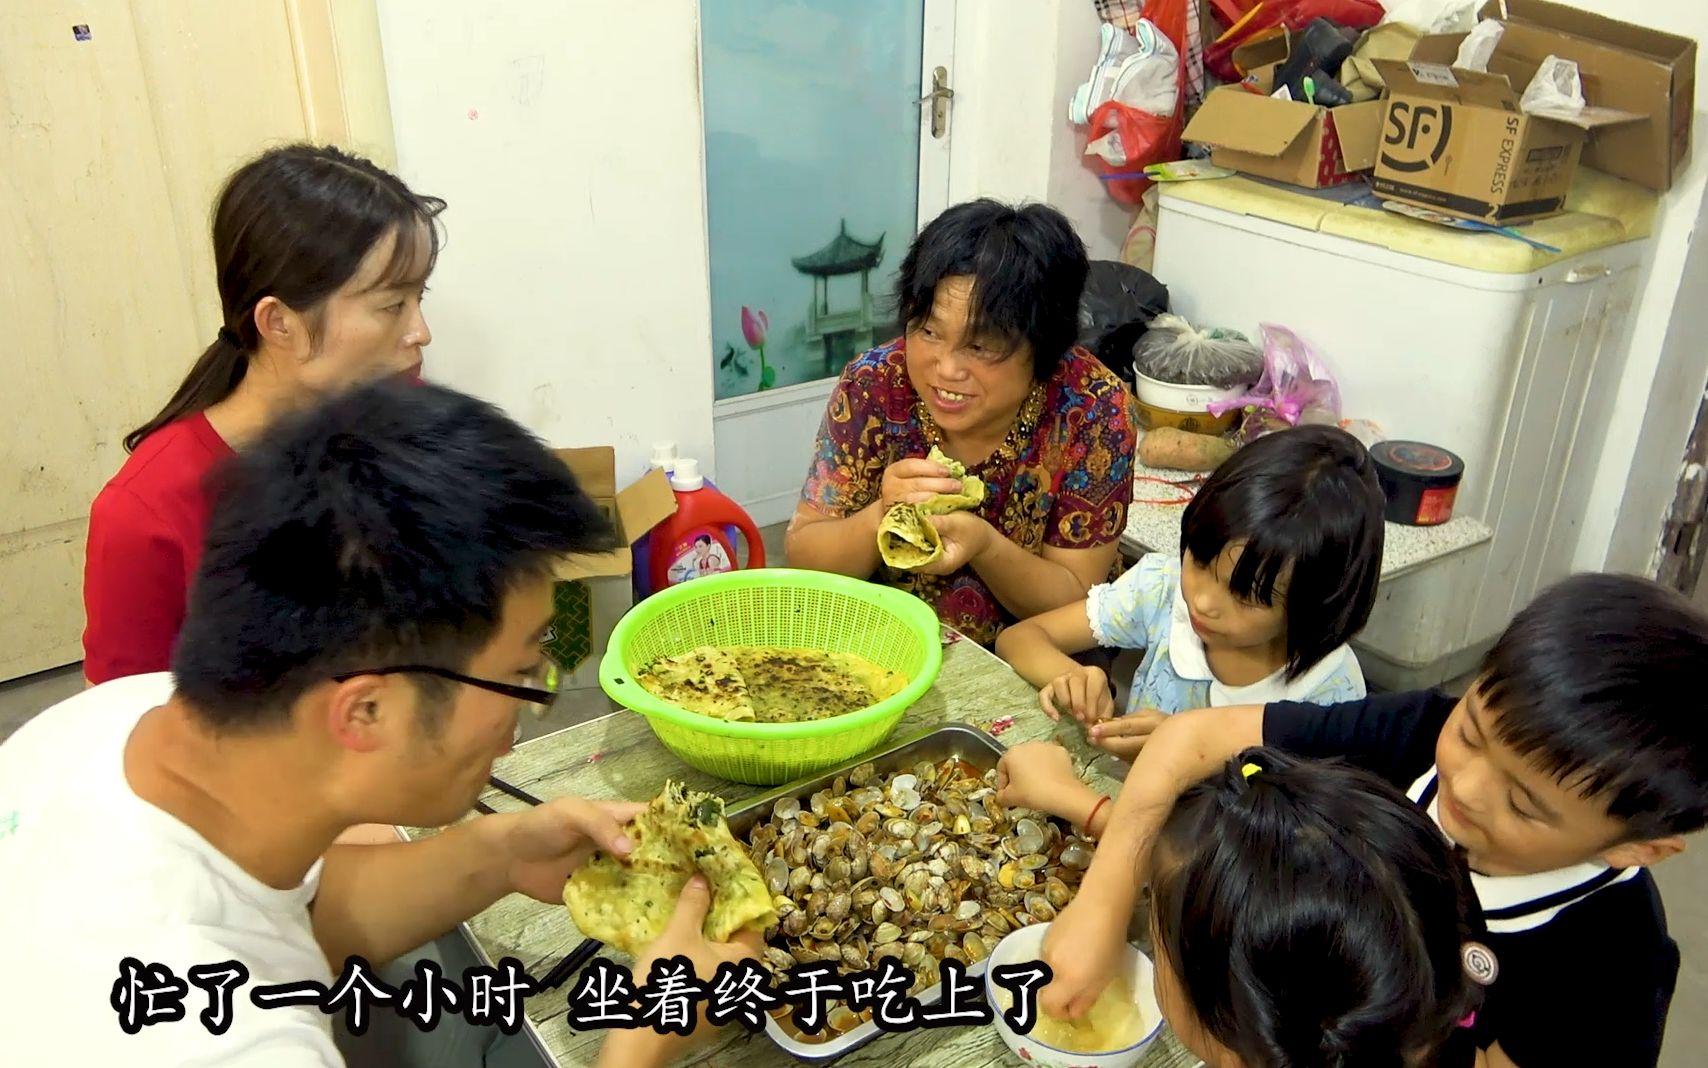 四斤香辣花甲,一筐韭菜盒子,侄女来家做客,大sao这一顿吃过瘾